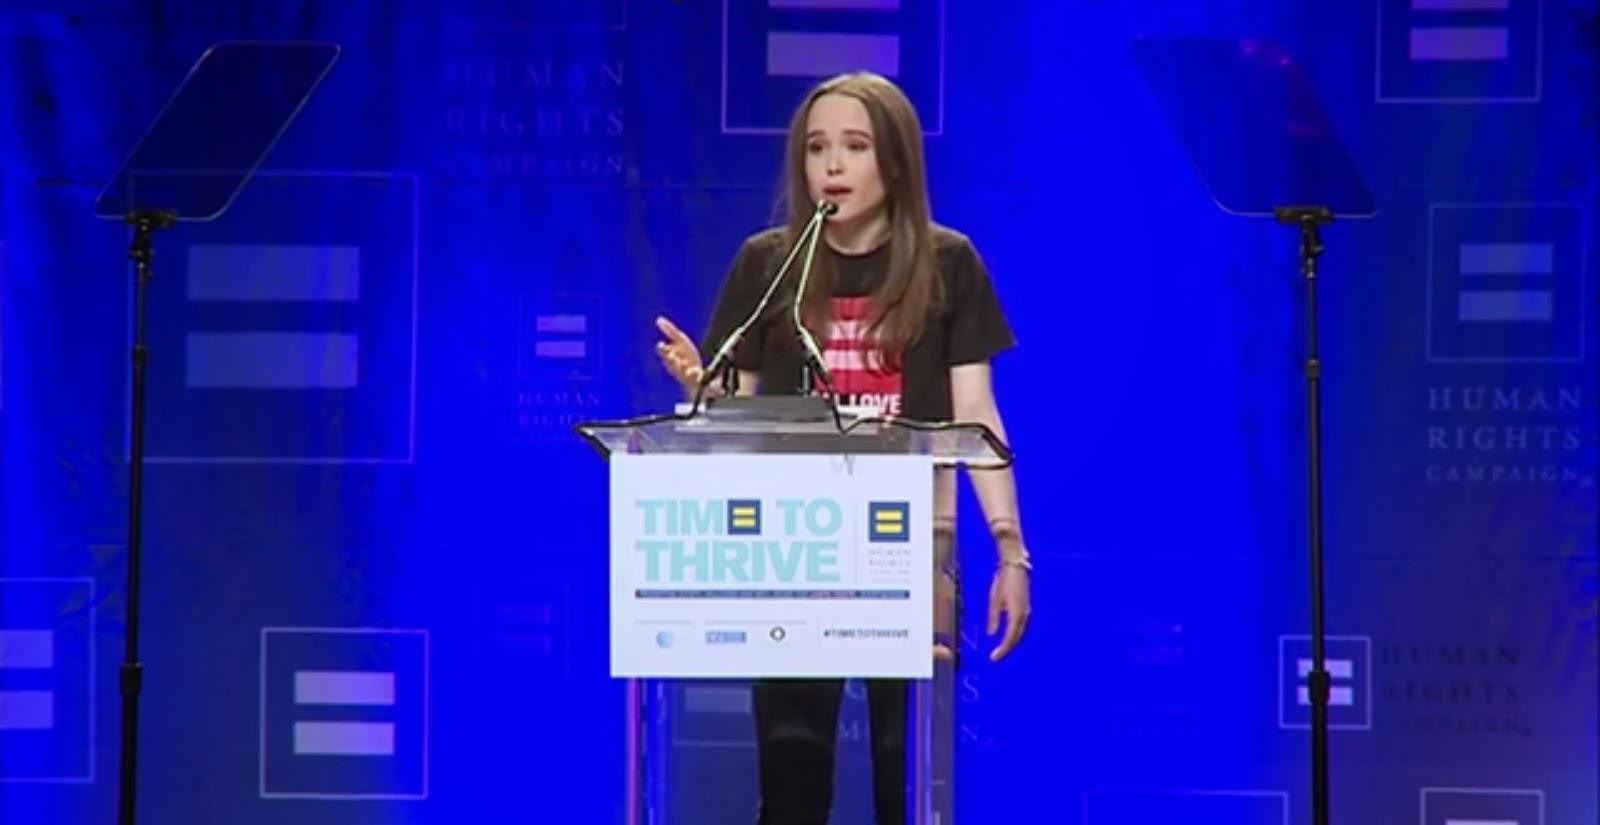 Atriz Ellen Page emociona ao assumir ser homossexual em evento para LGBT´s nos EUA.